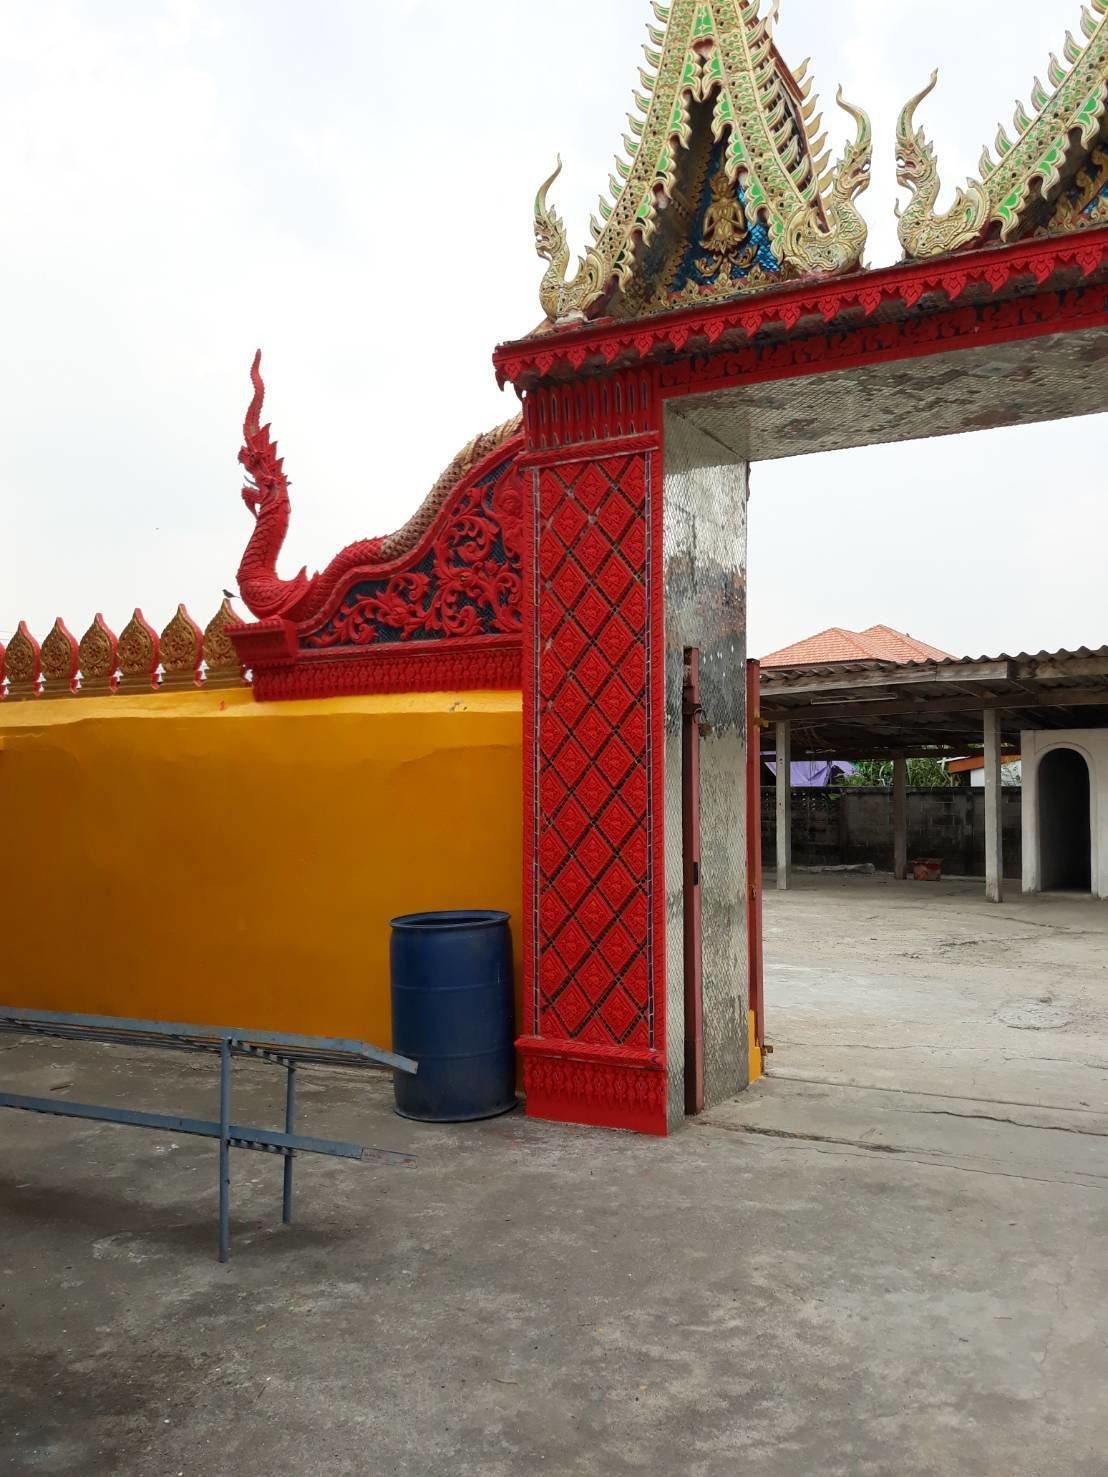 Decoration of the Sum Pratu Wat Mae Ya temple entrance archway